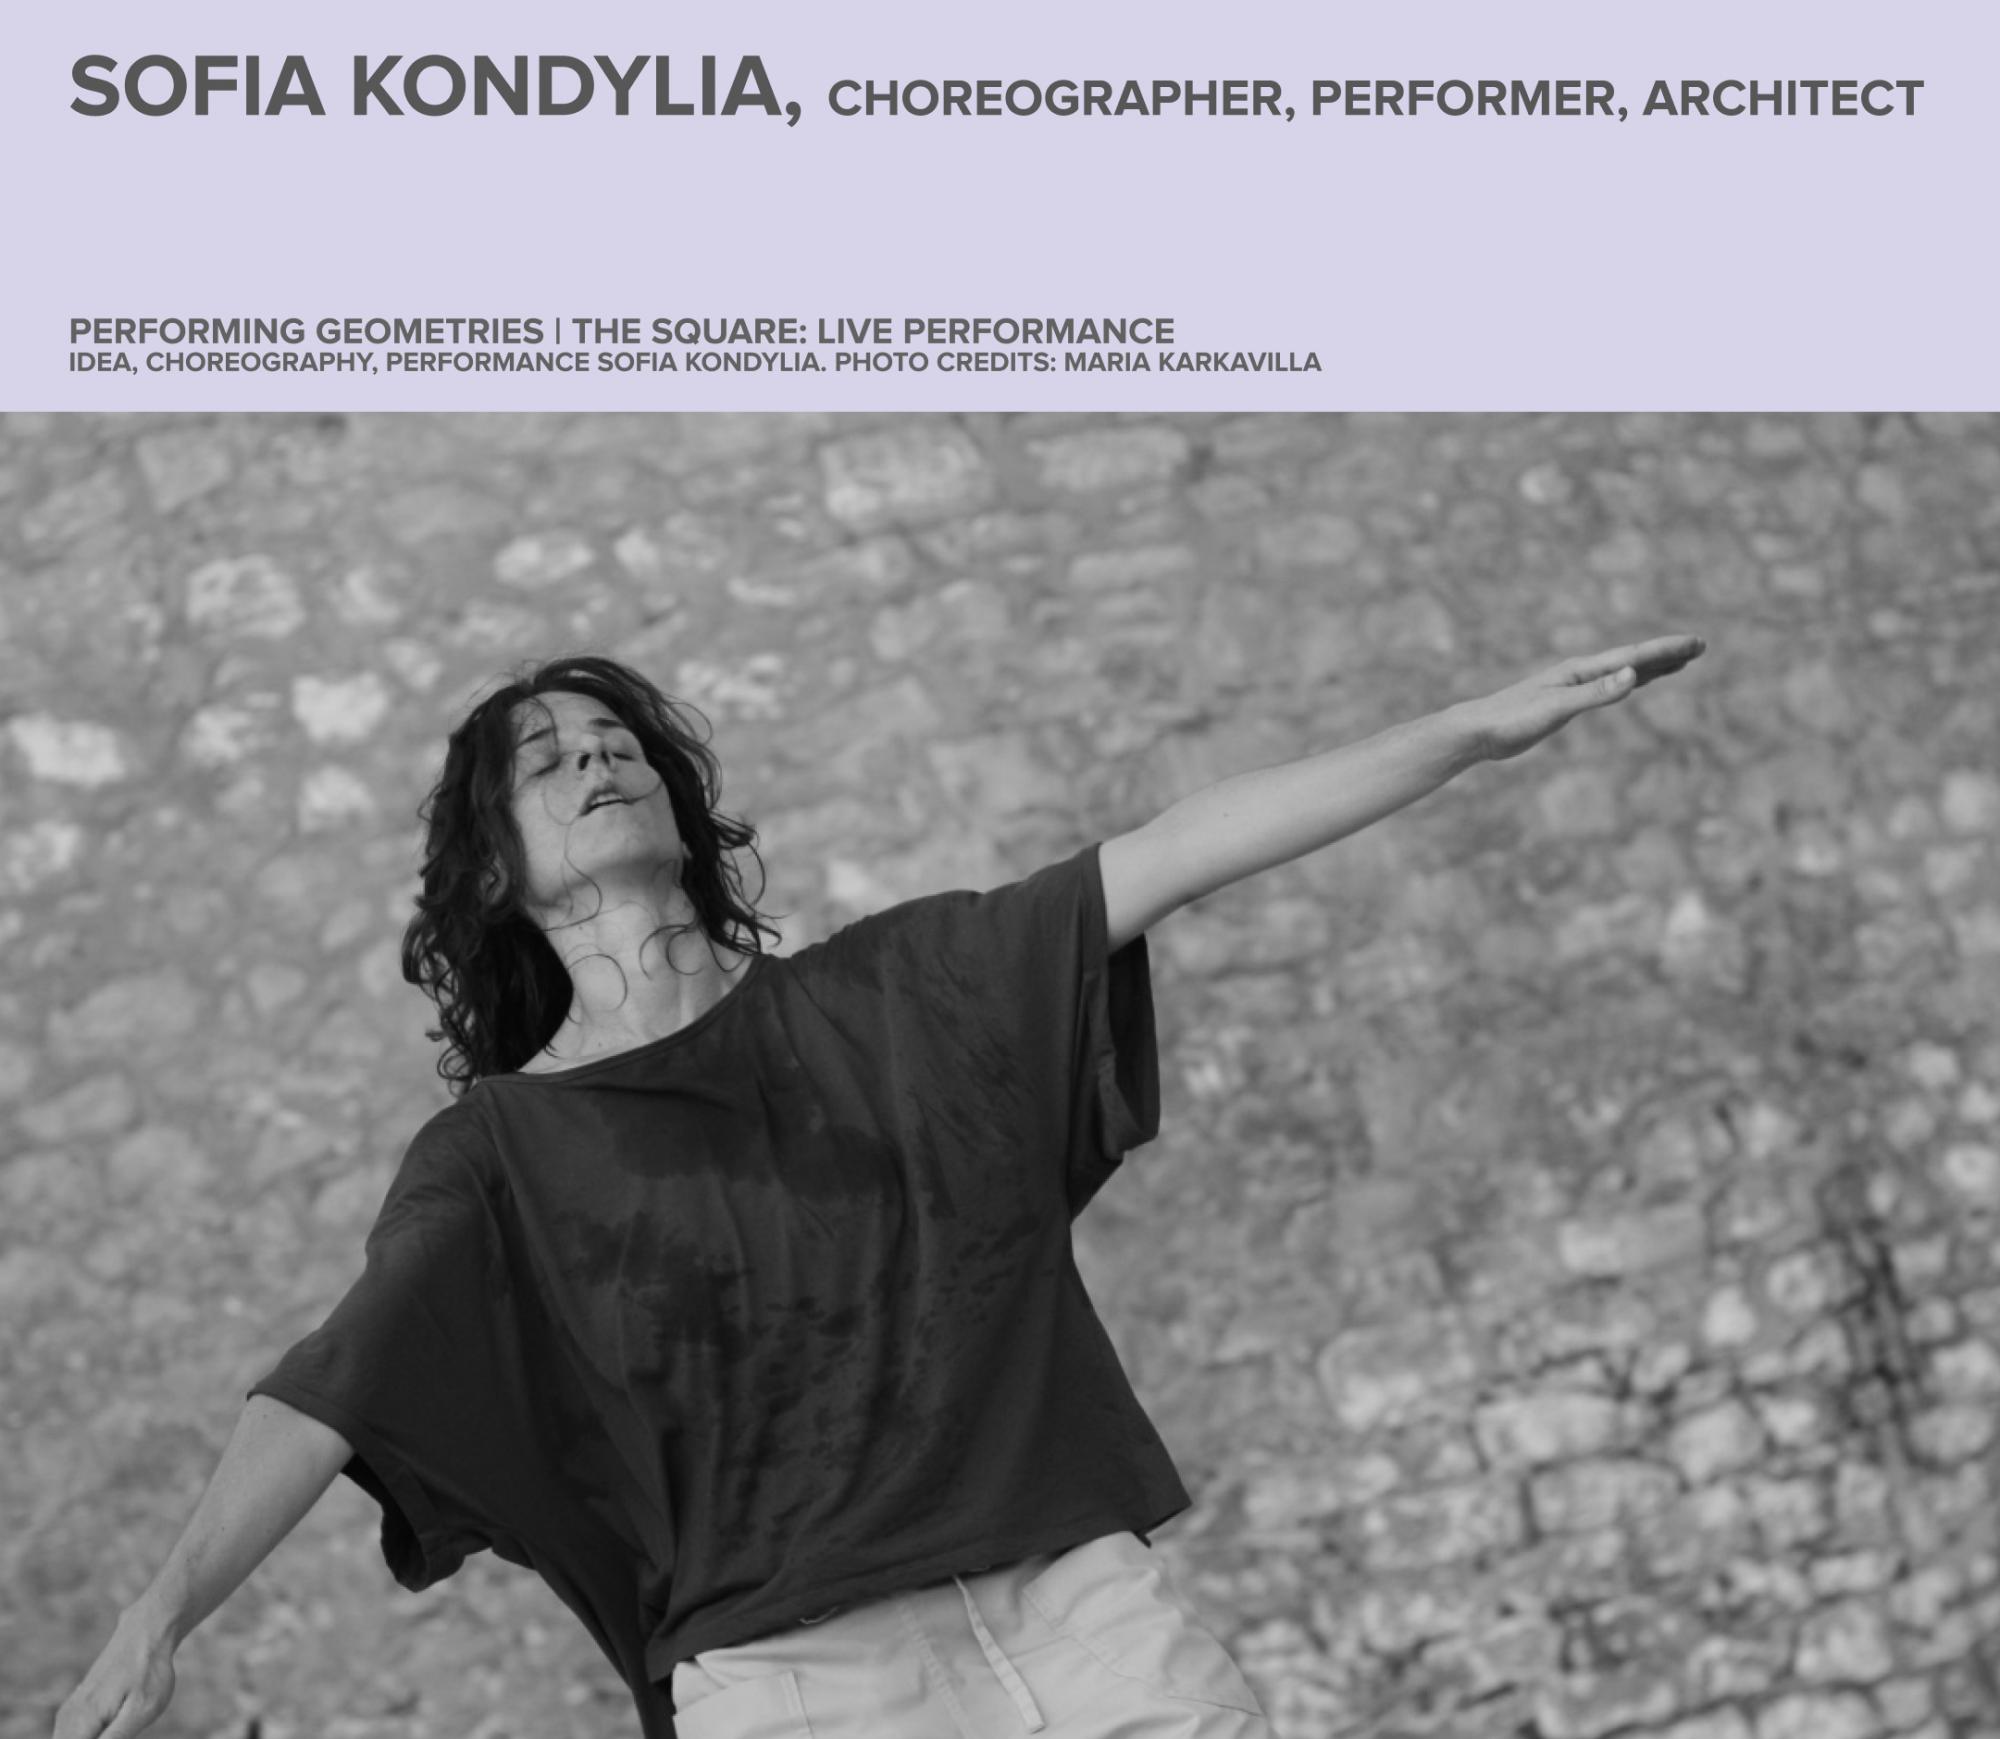 Sofia Kondylia